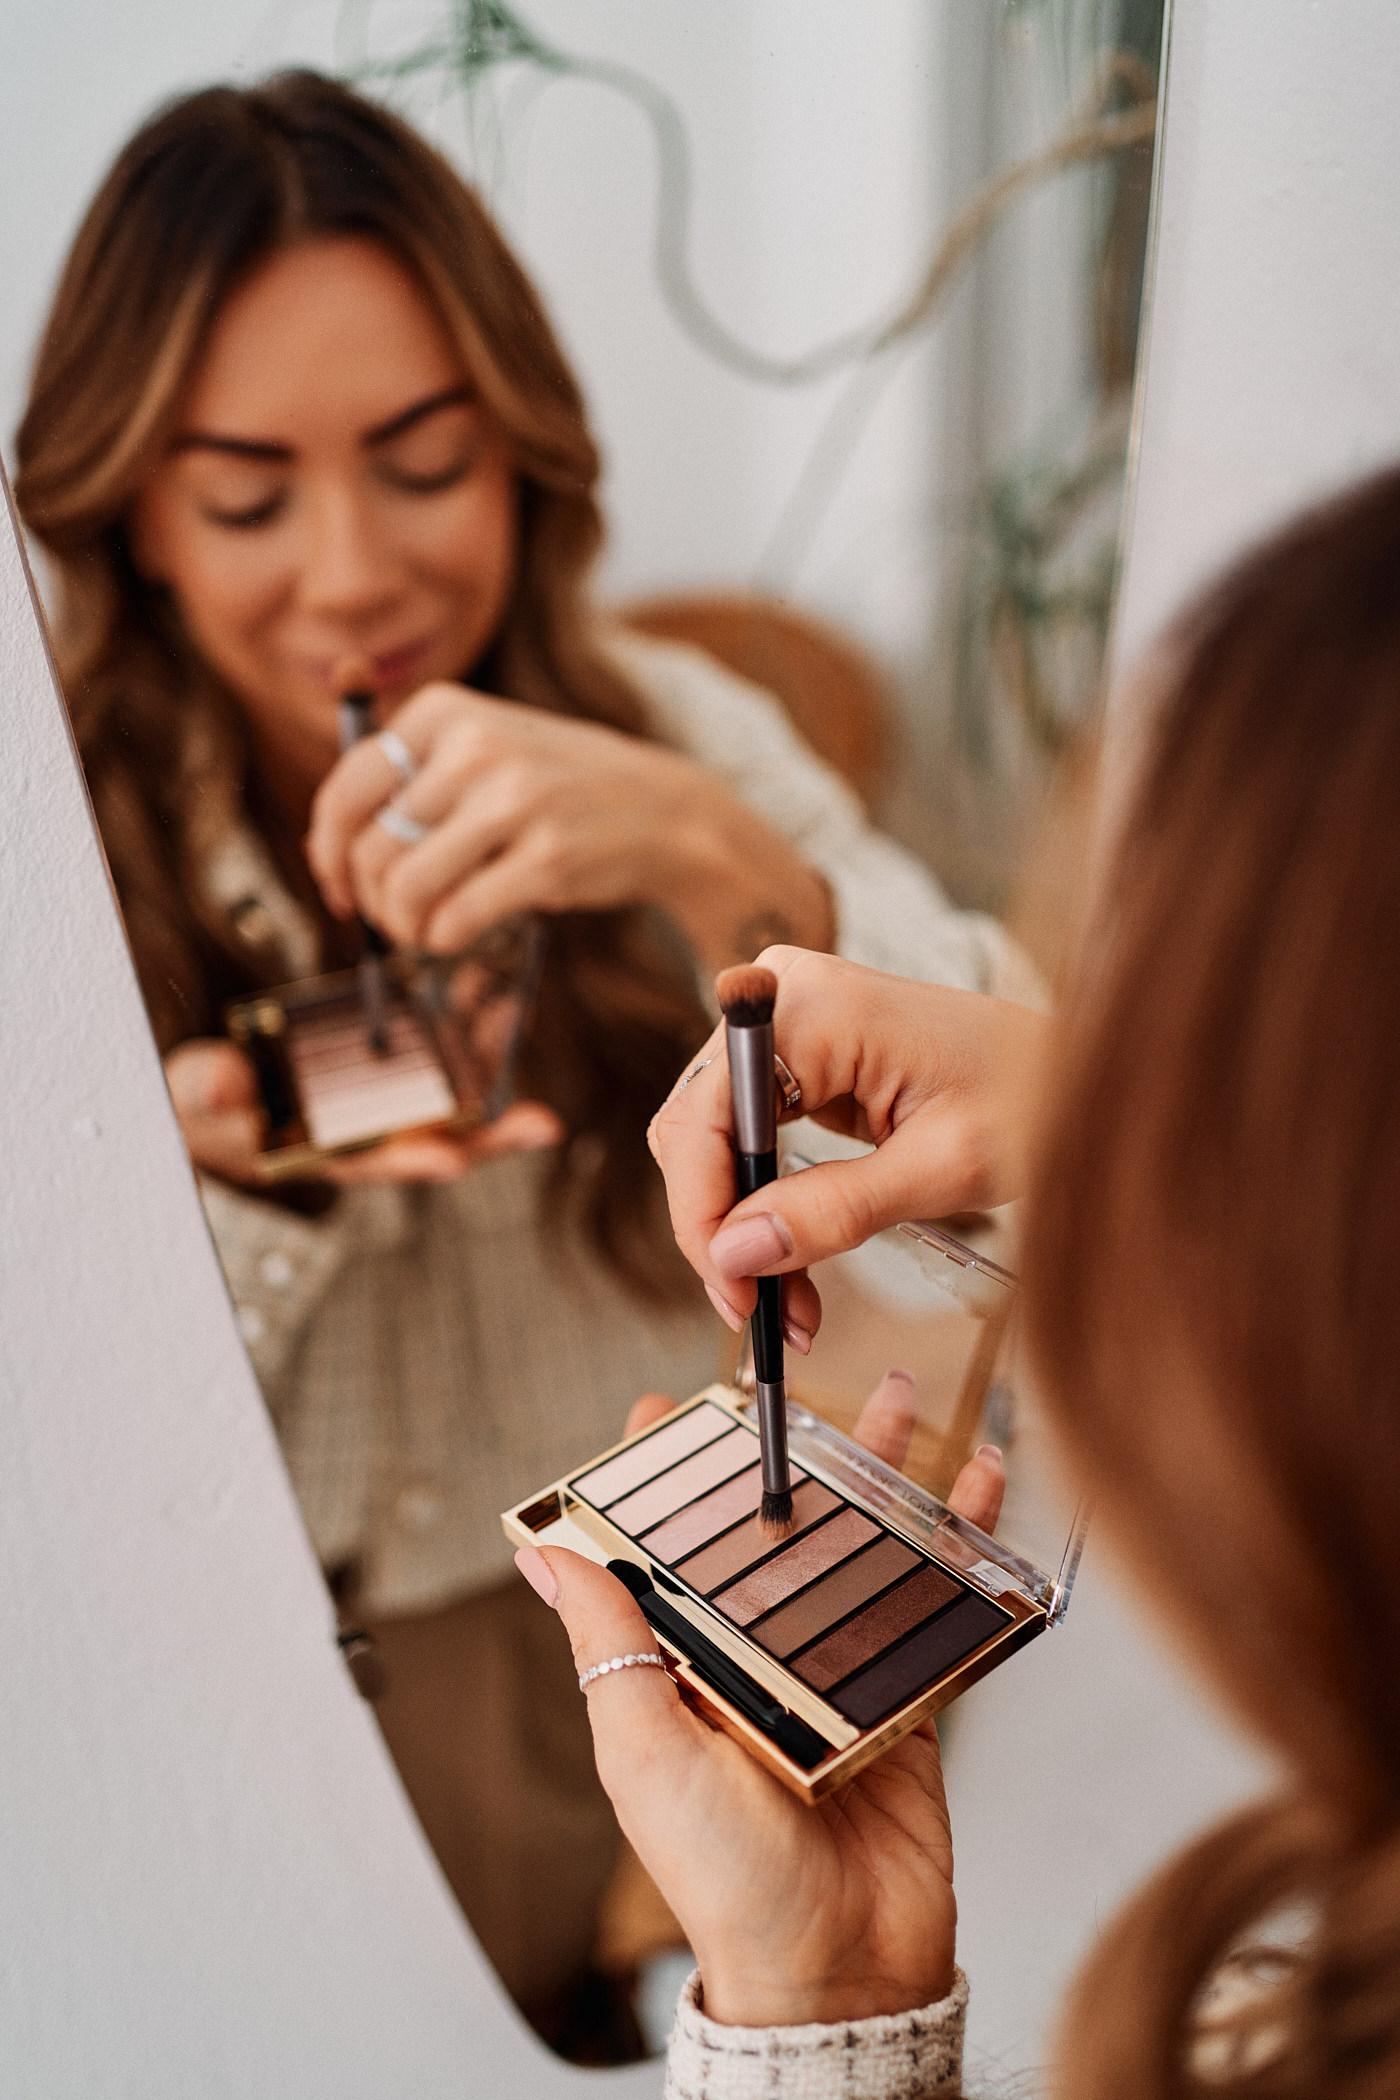 Paleta cieni Max Factor Materpiece Nude dostępna jest w dwóch odcieniach Cappuccino i Rose – wybierz idealny odcień dla siebie i stwórz niezapomniany makijaż na wigilię